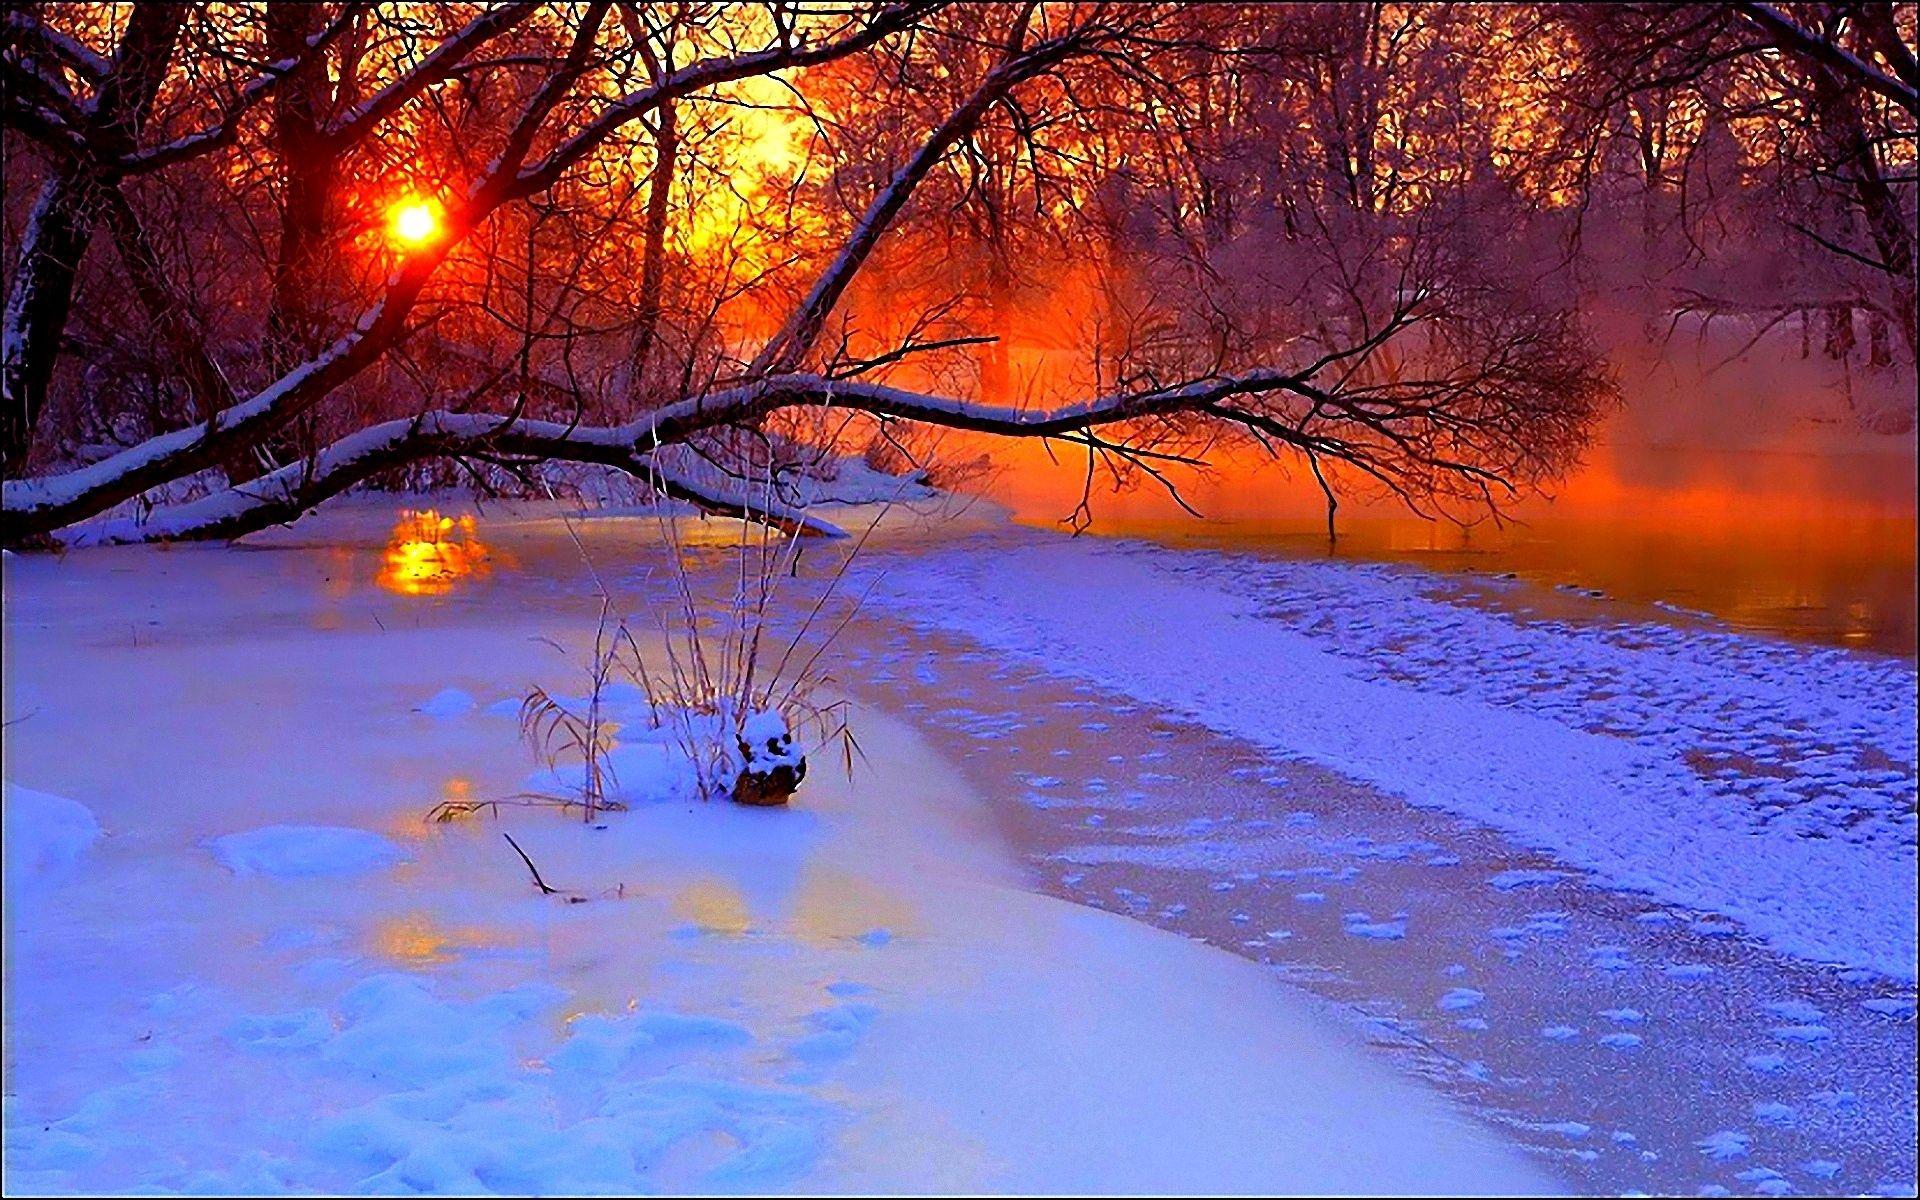 54634 скачать обои Снег, Зима, Природа, Закат, Дерево, Вечер, Пруд, Замерзший, Ветви - заставки и картинки бесплатно